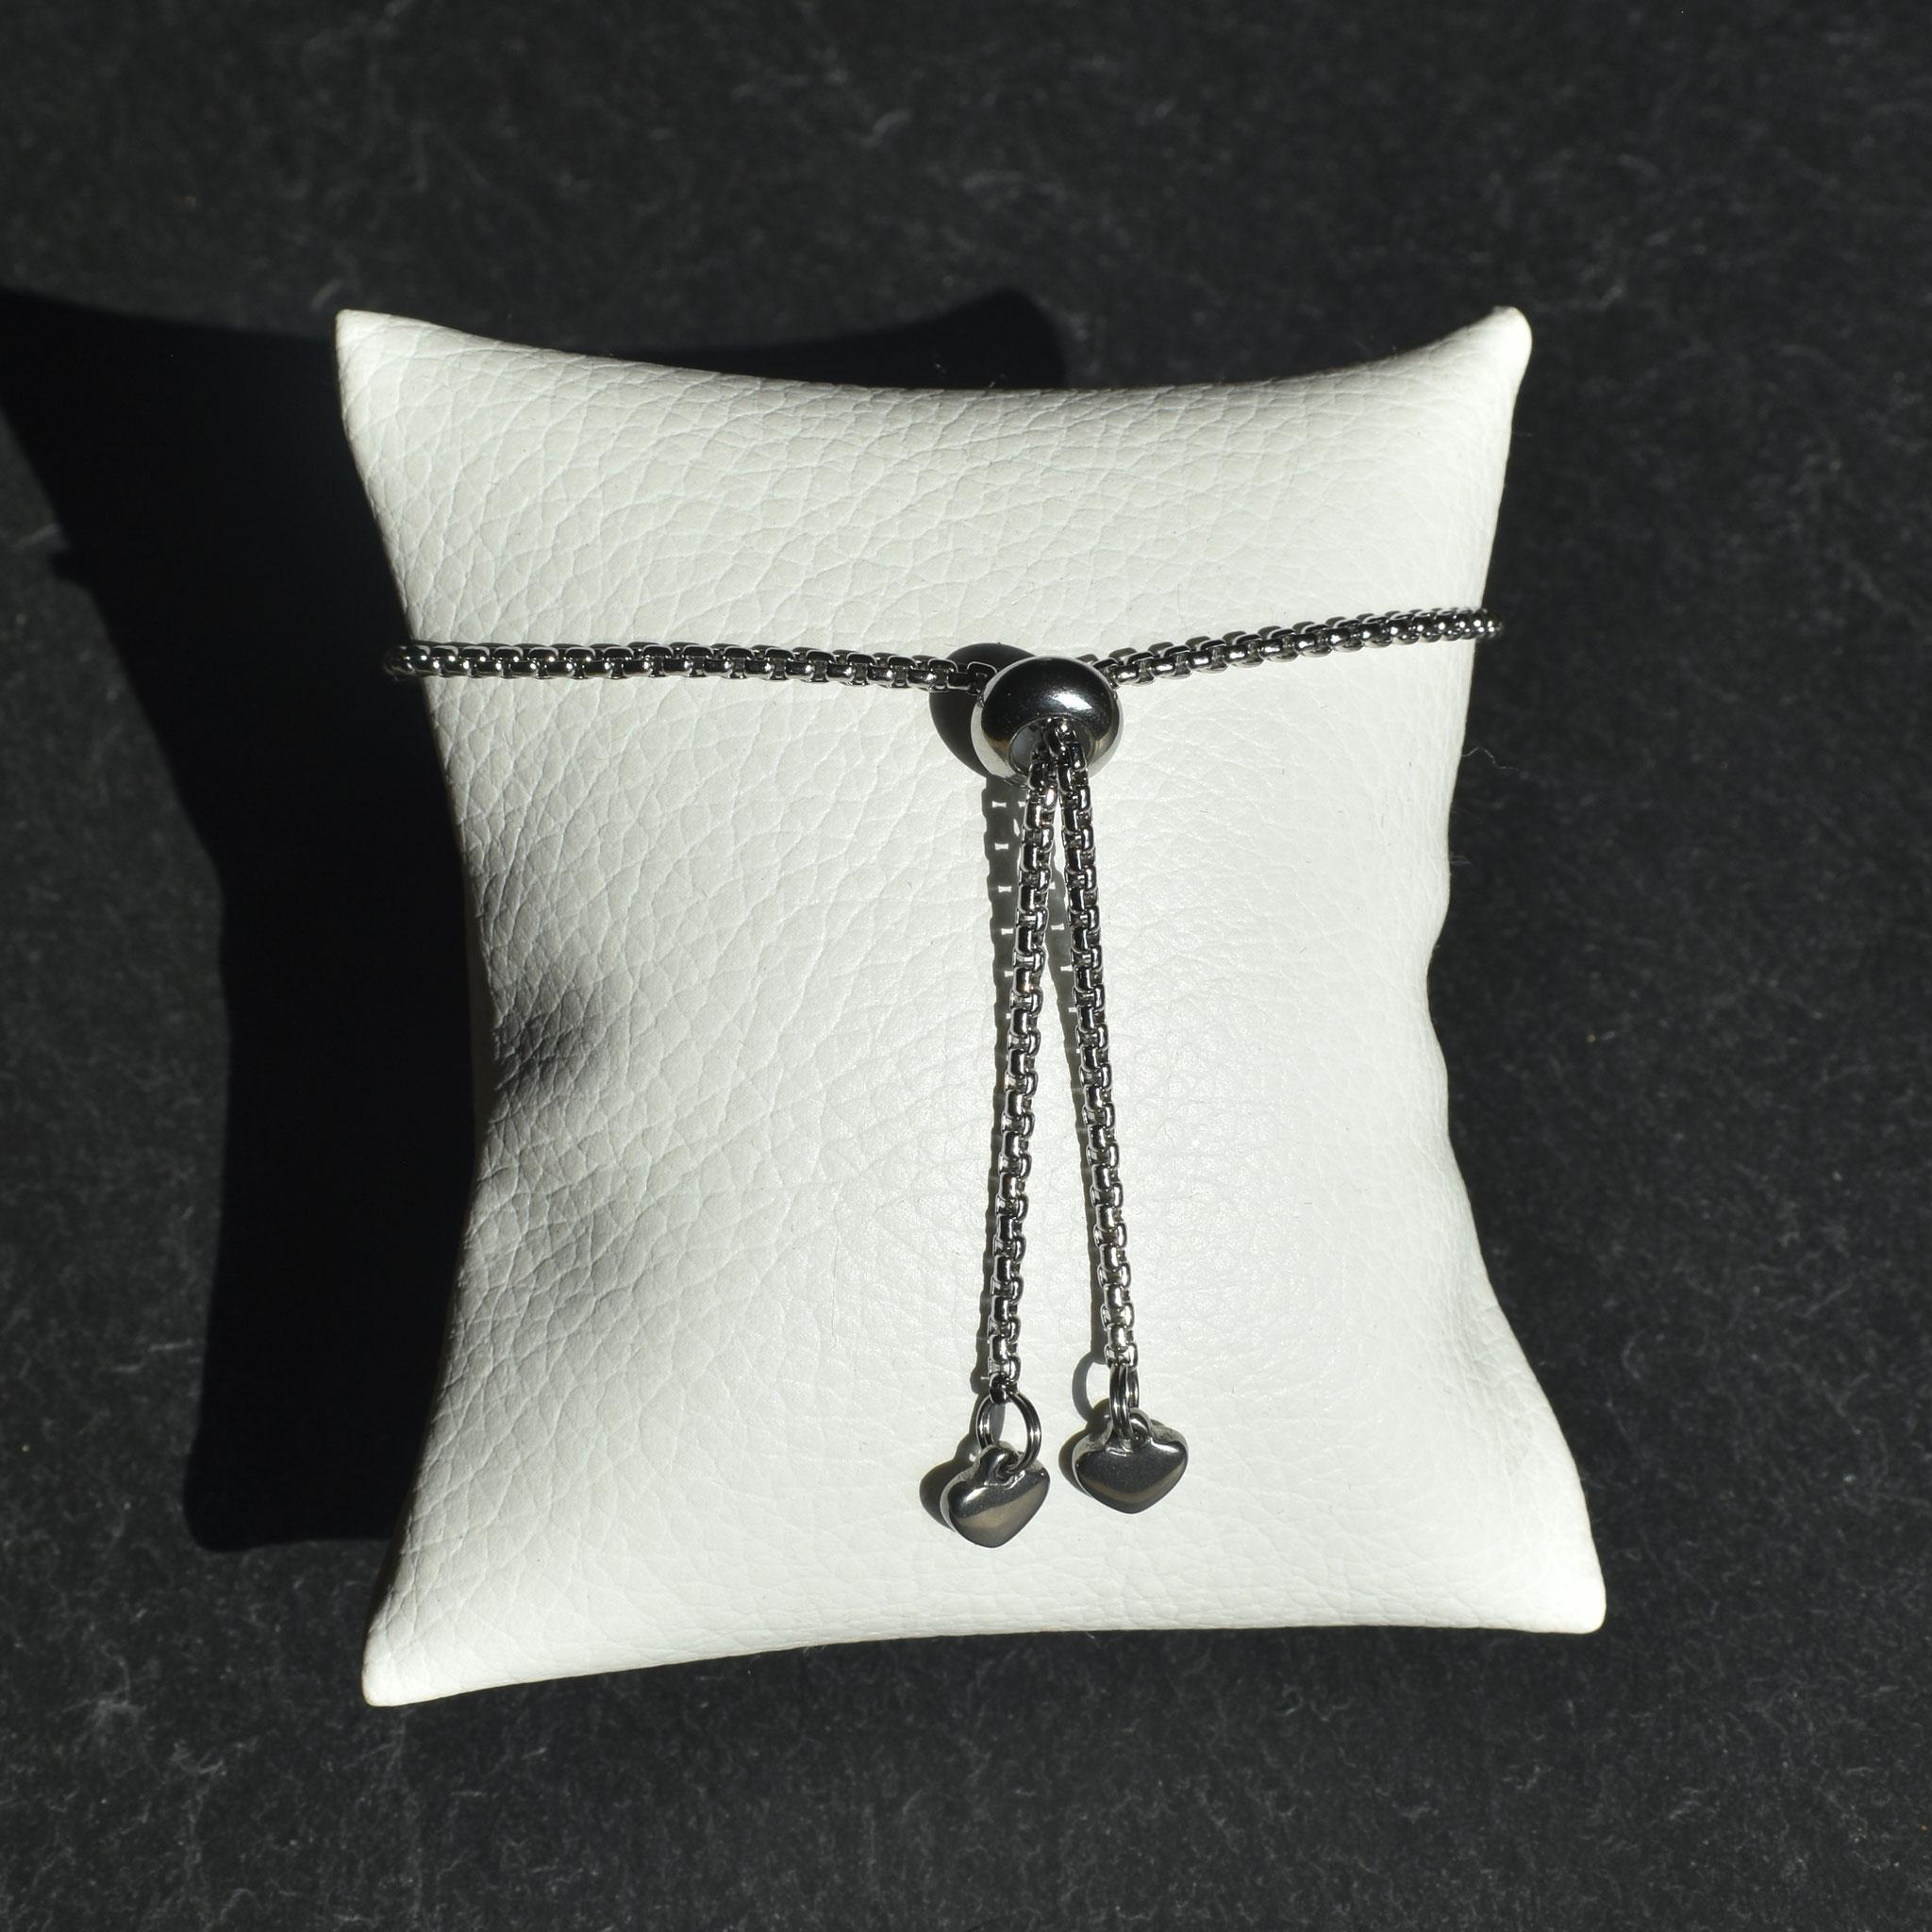 Spostando la perline in acciaio , si può regolare il diametro del bracciale